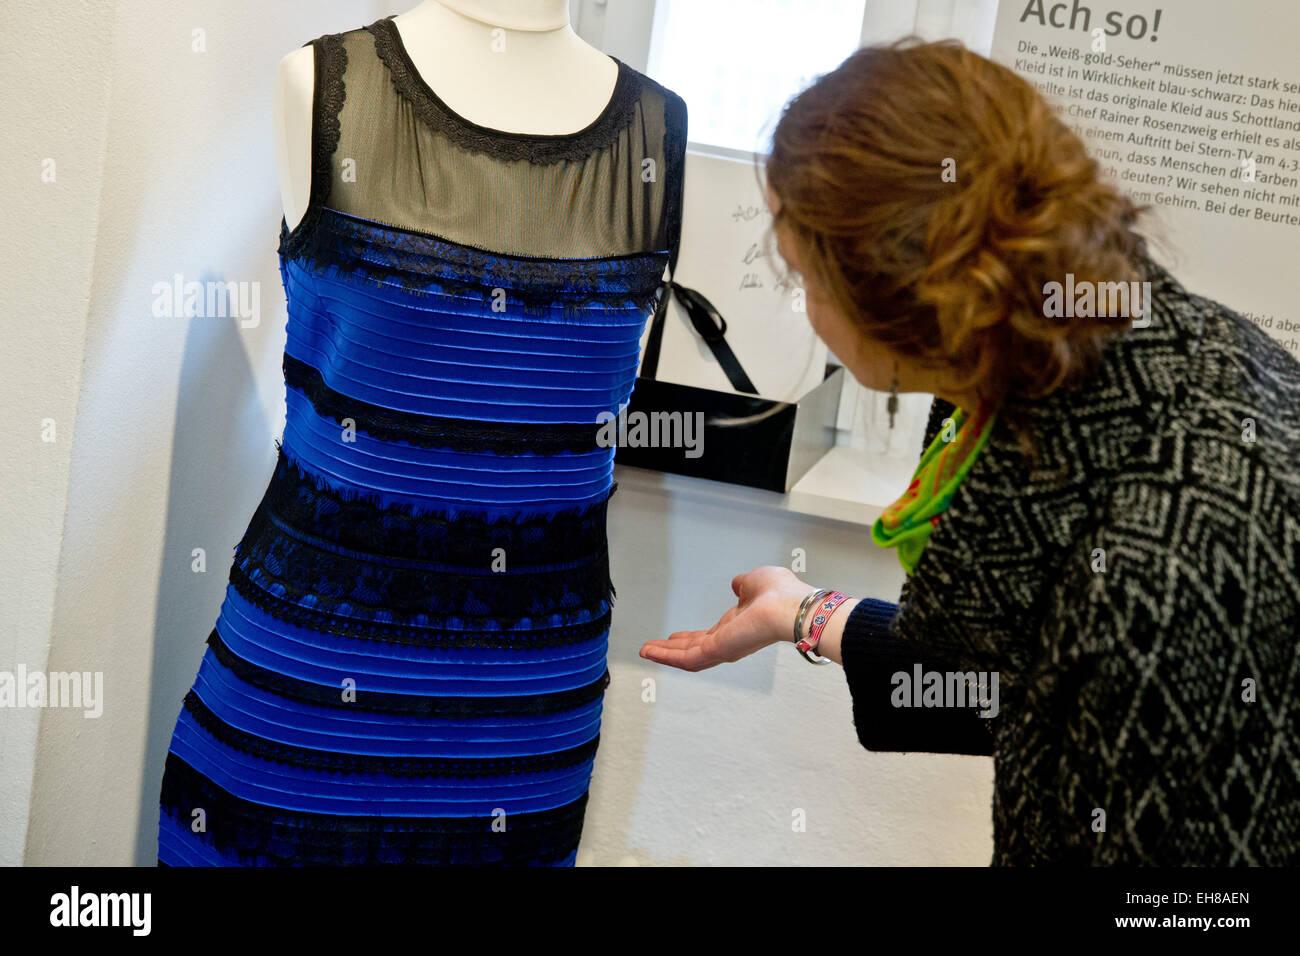 schwarz blau gestreiftes kleid stockfotos und -bilder kaufen